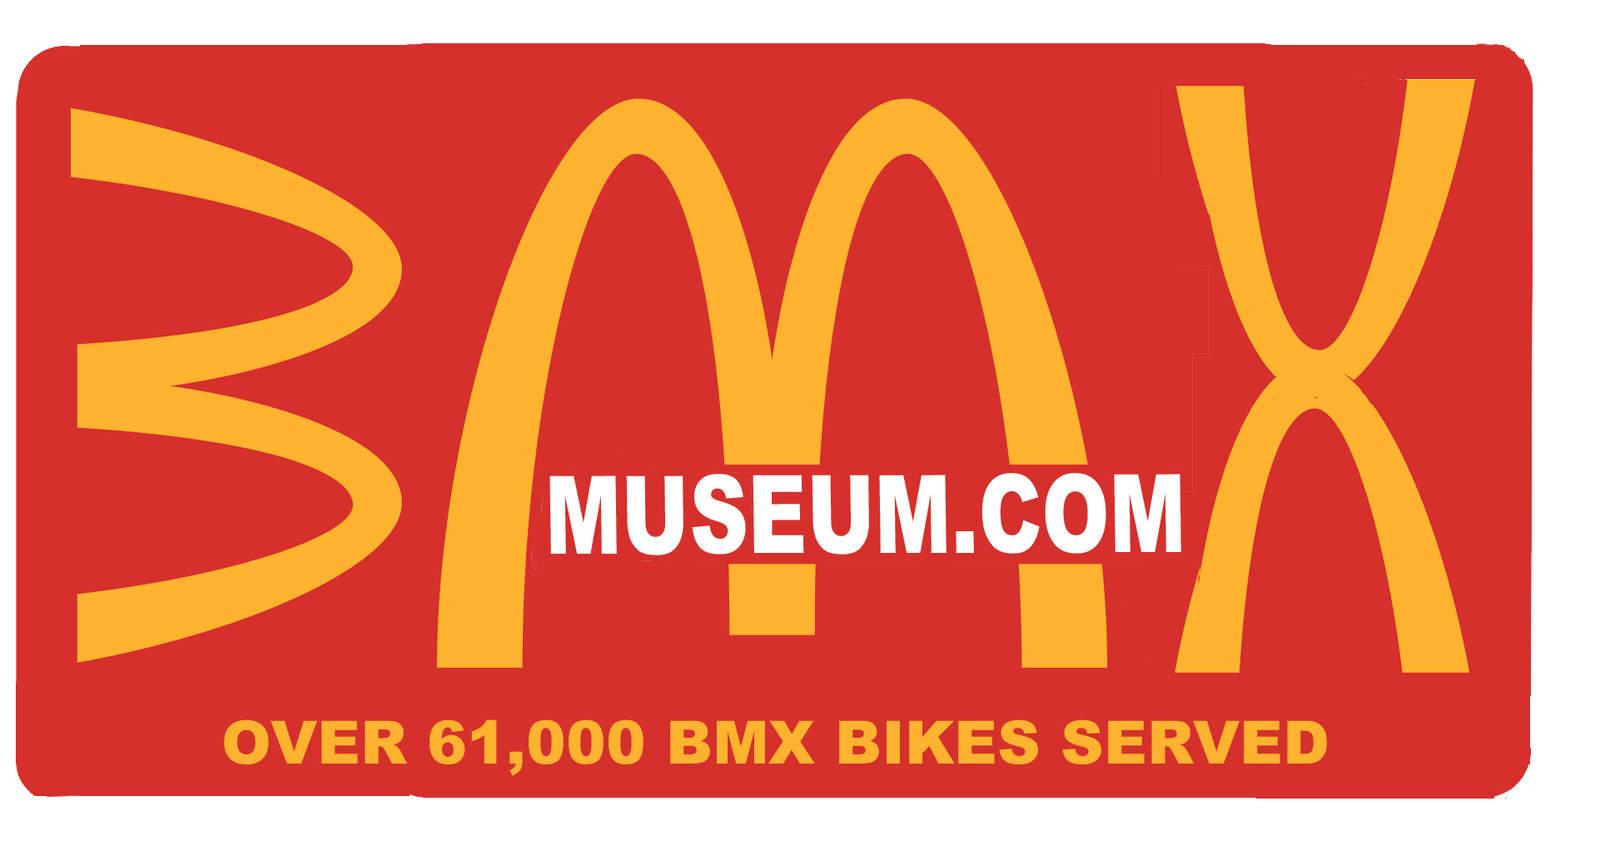 http://uploads.bmxmuseum.com/user-images/152/mcbmx25ae6ae8e30.jpg